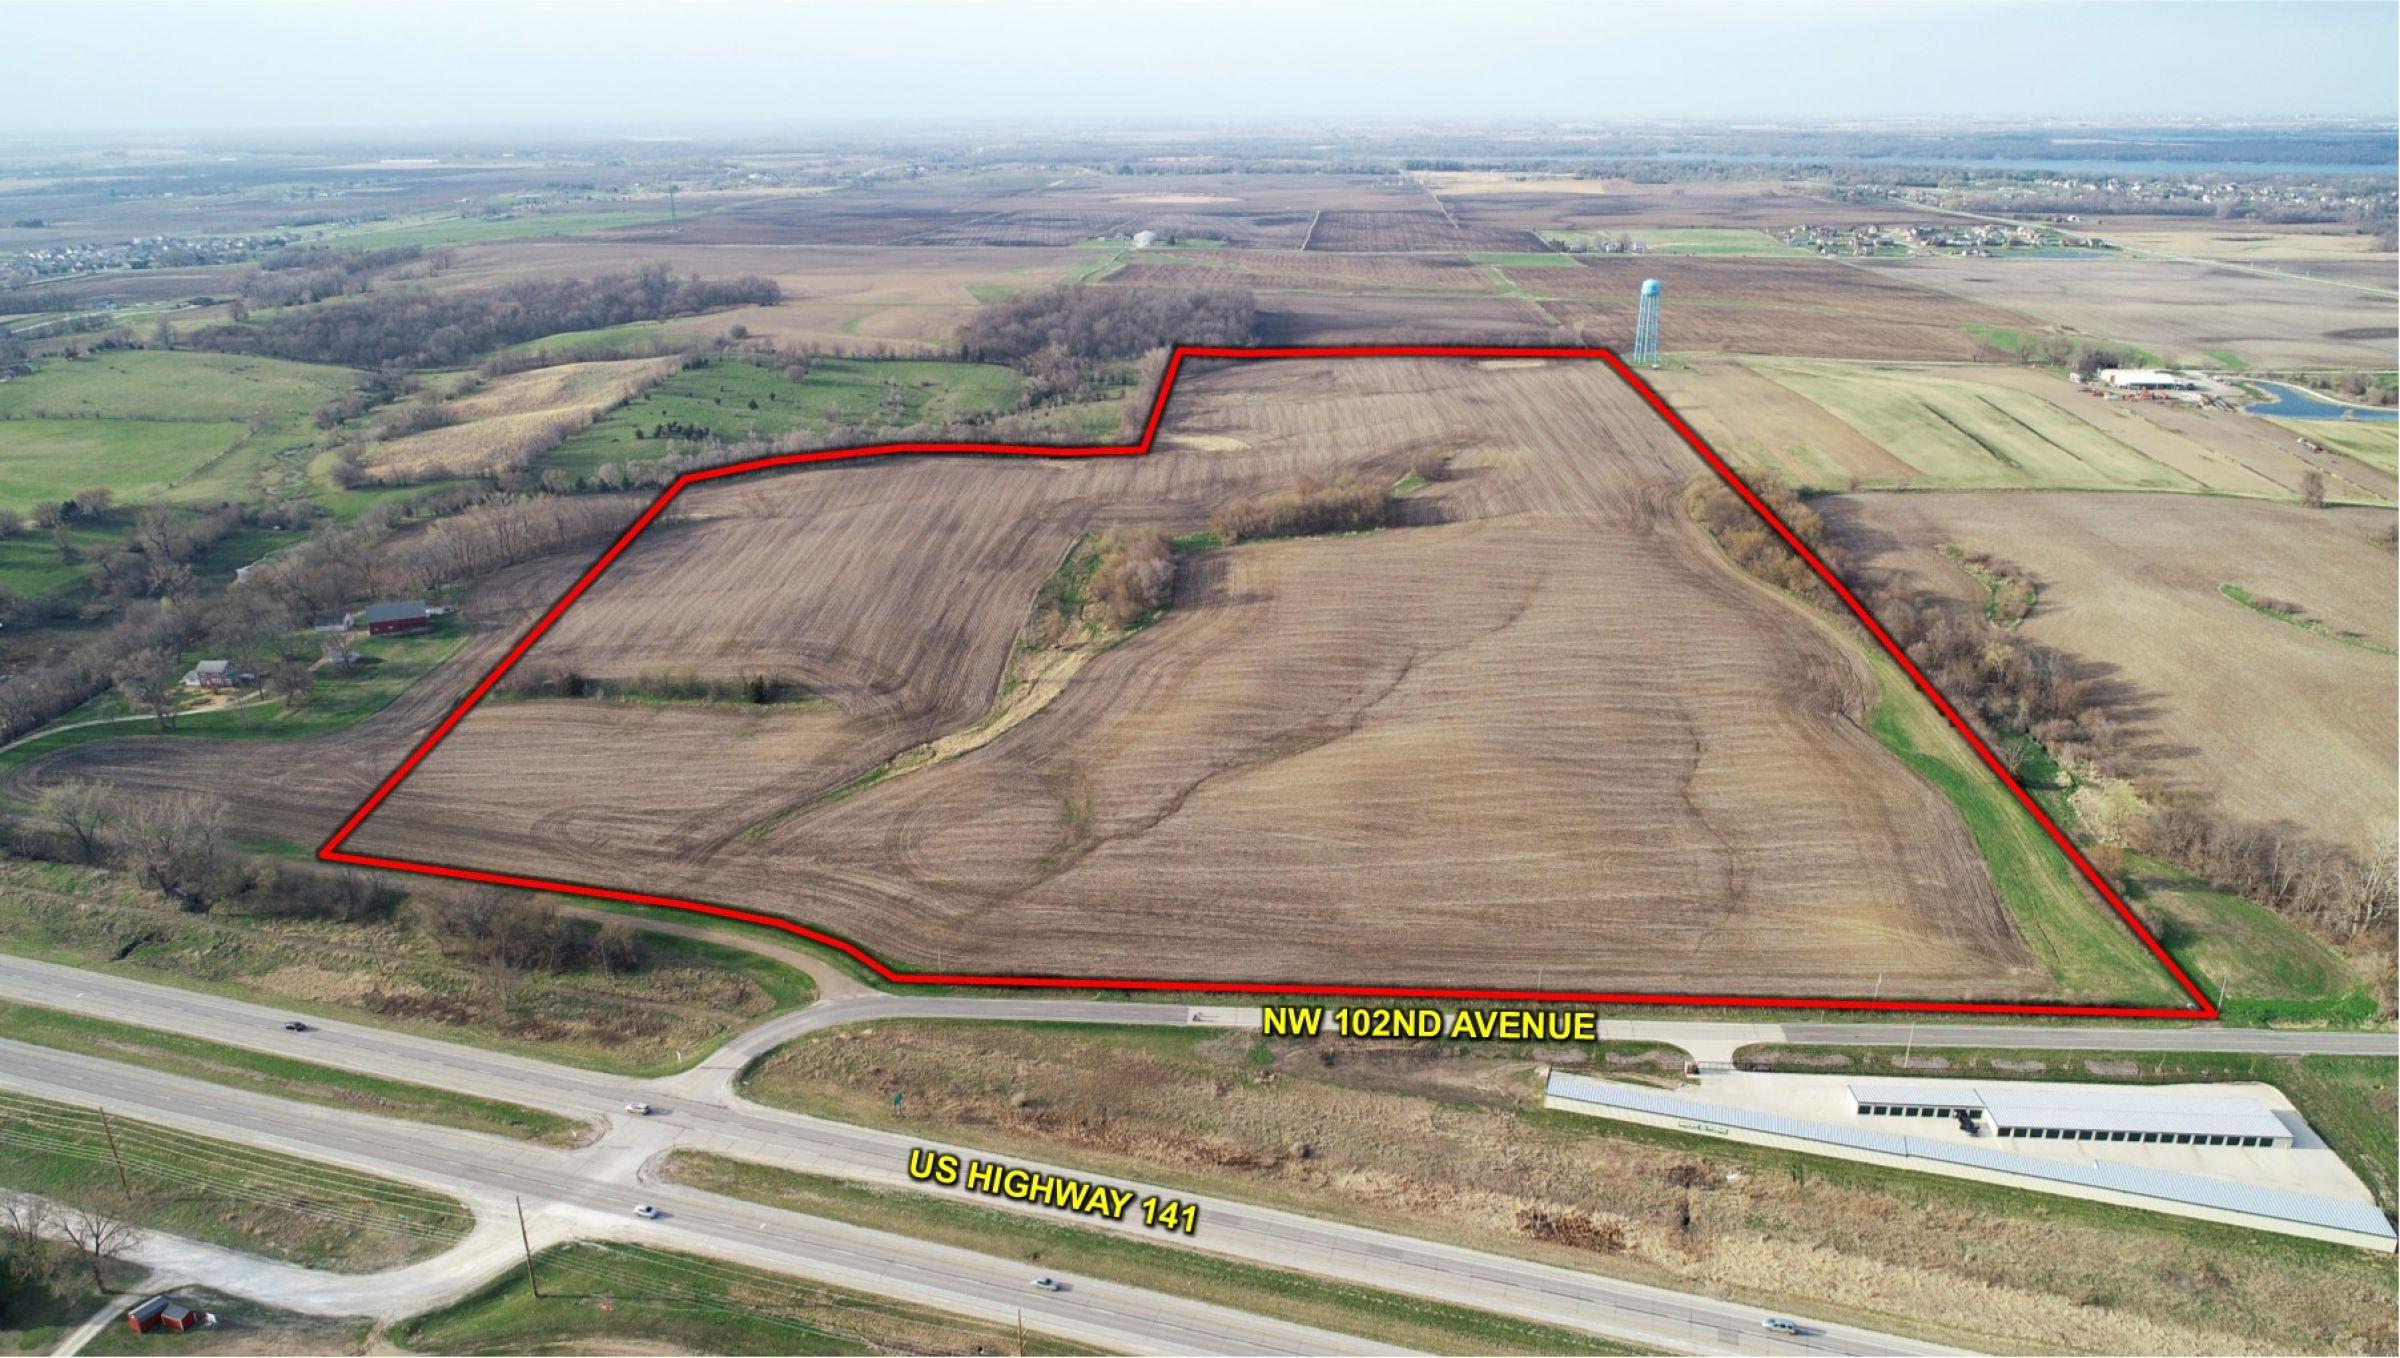 14492-80-acres-ml-polk-county-iowa-1-2019-04-16-133426.jpg